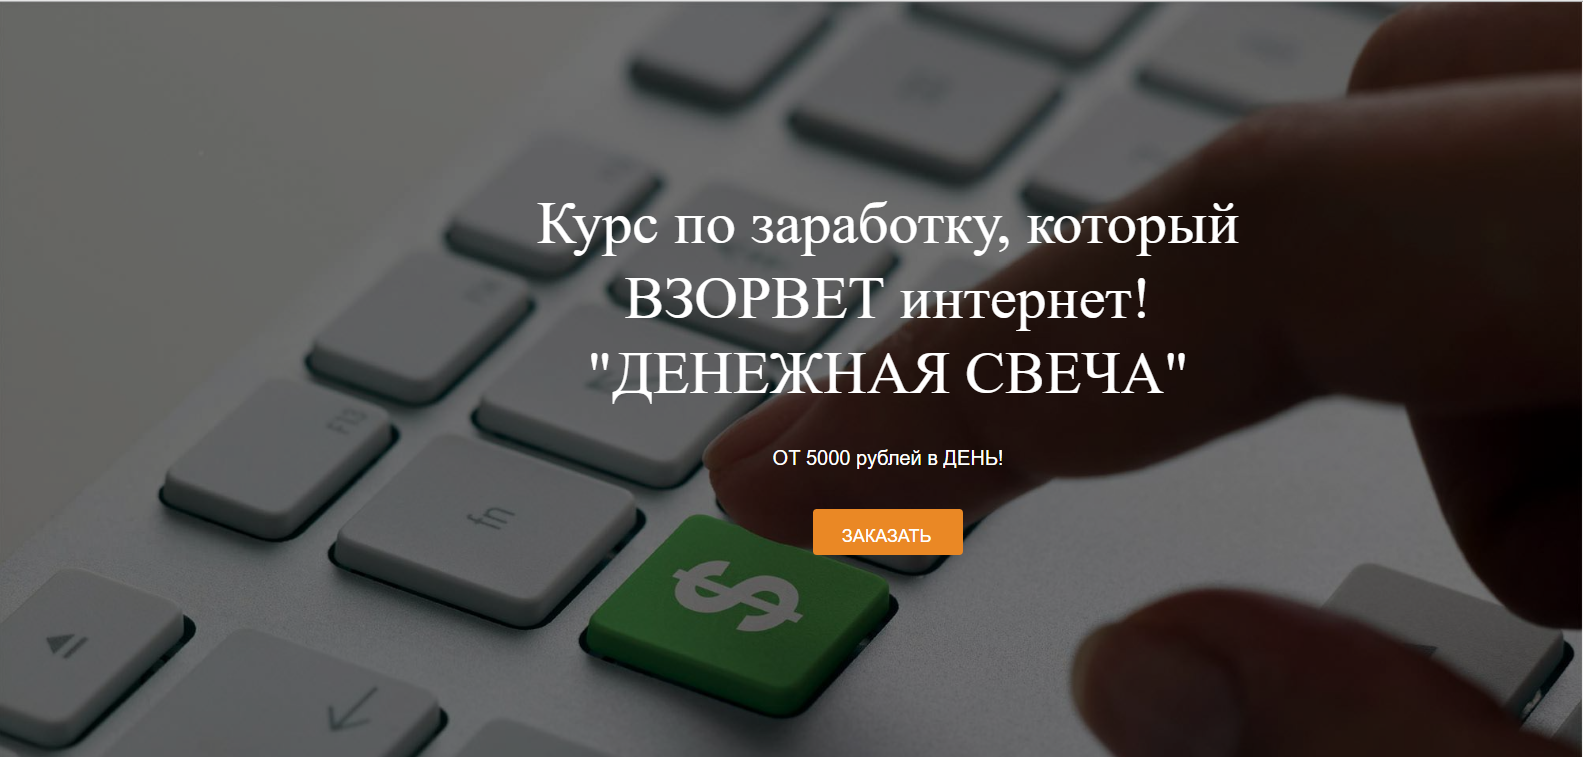 Курс Денежная свеча От 5000 рублей в ДЕНЬ